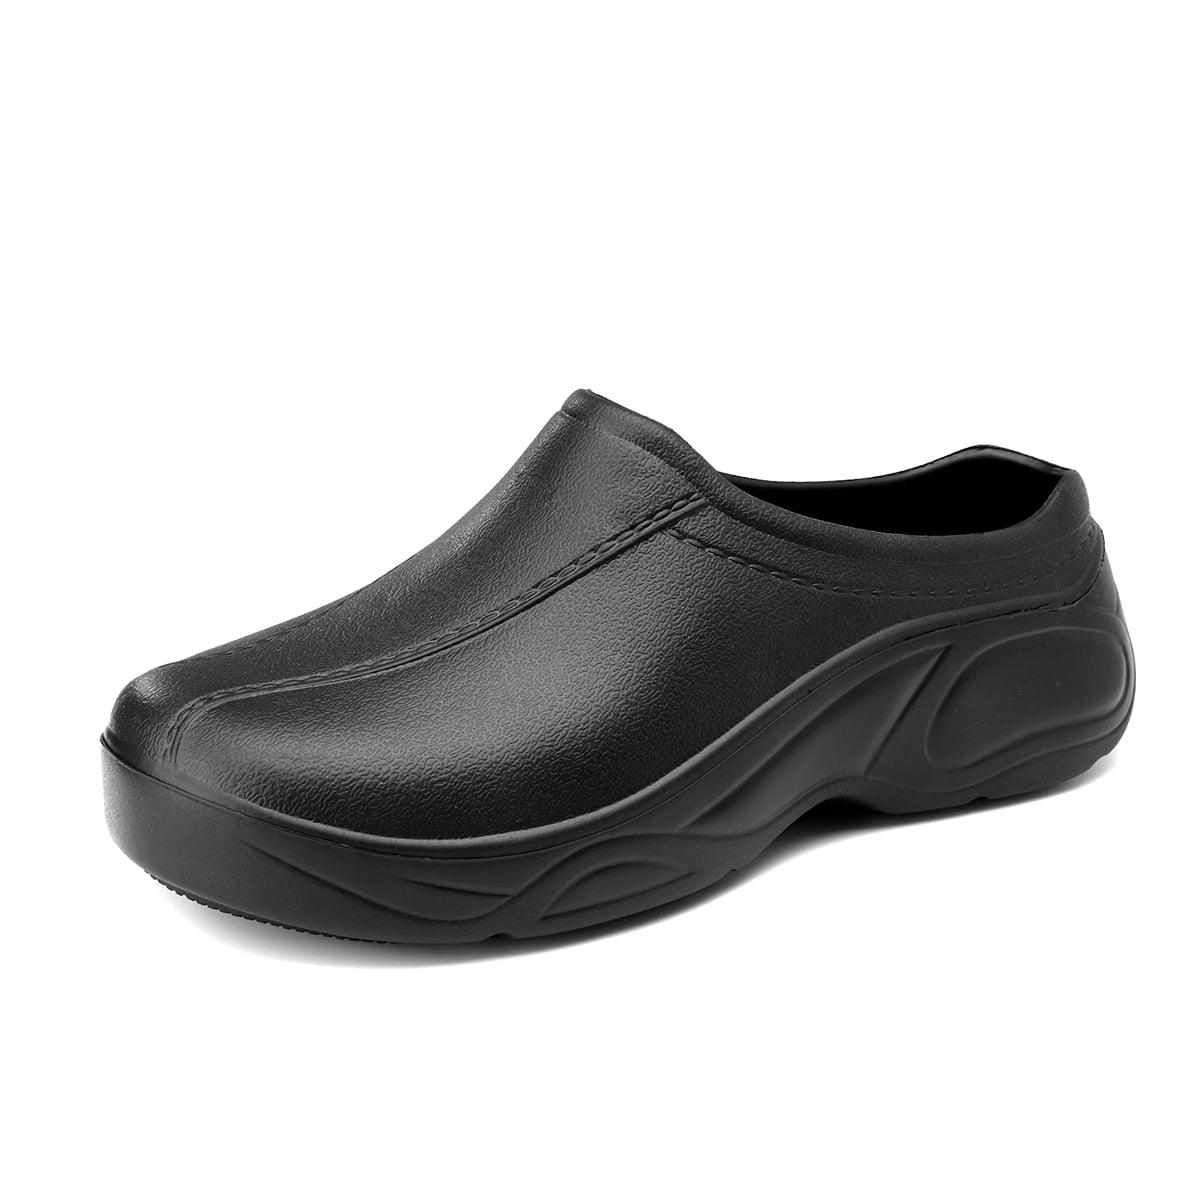 Shoes for Chef Nurse - Walmart.com